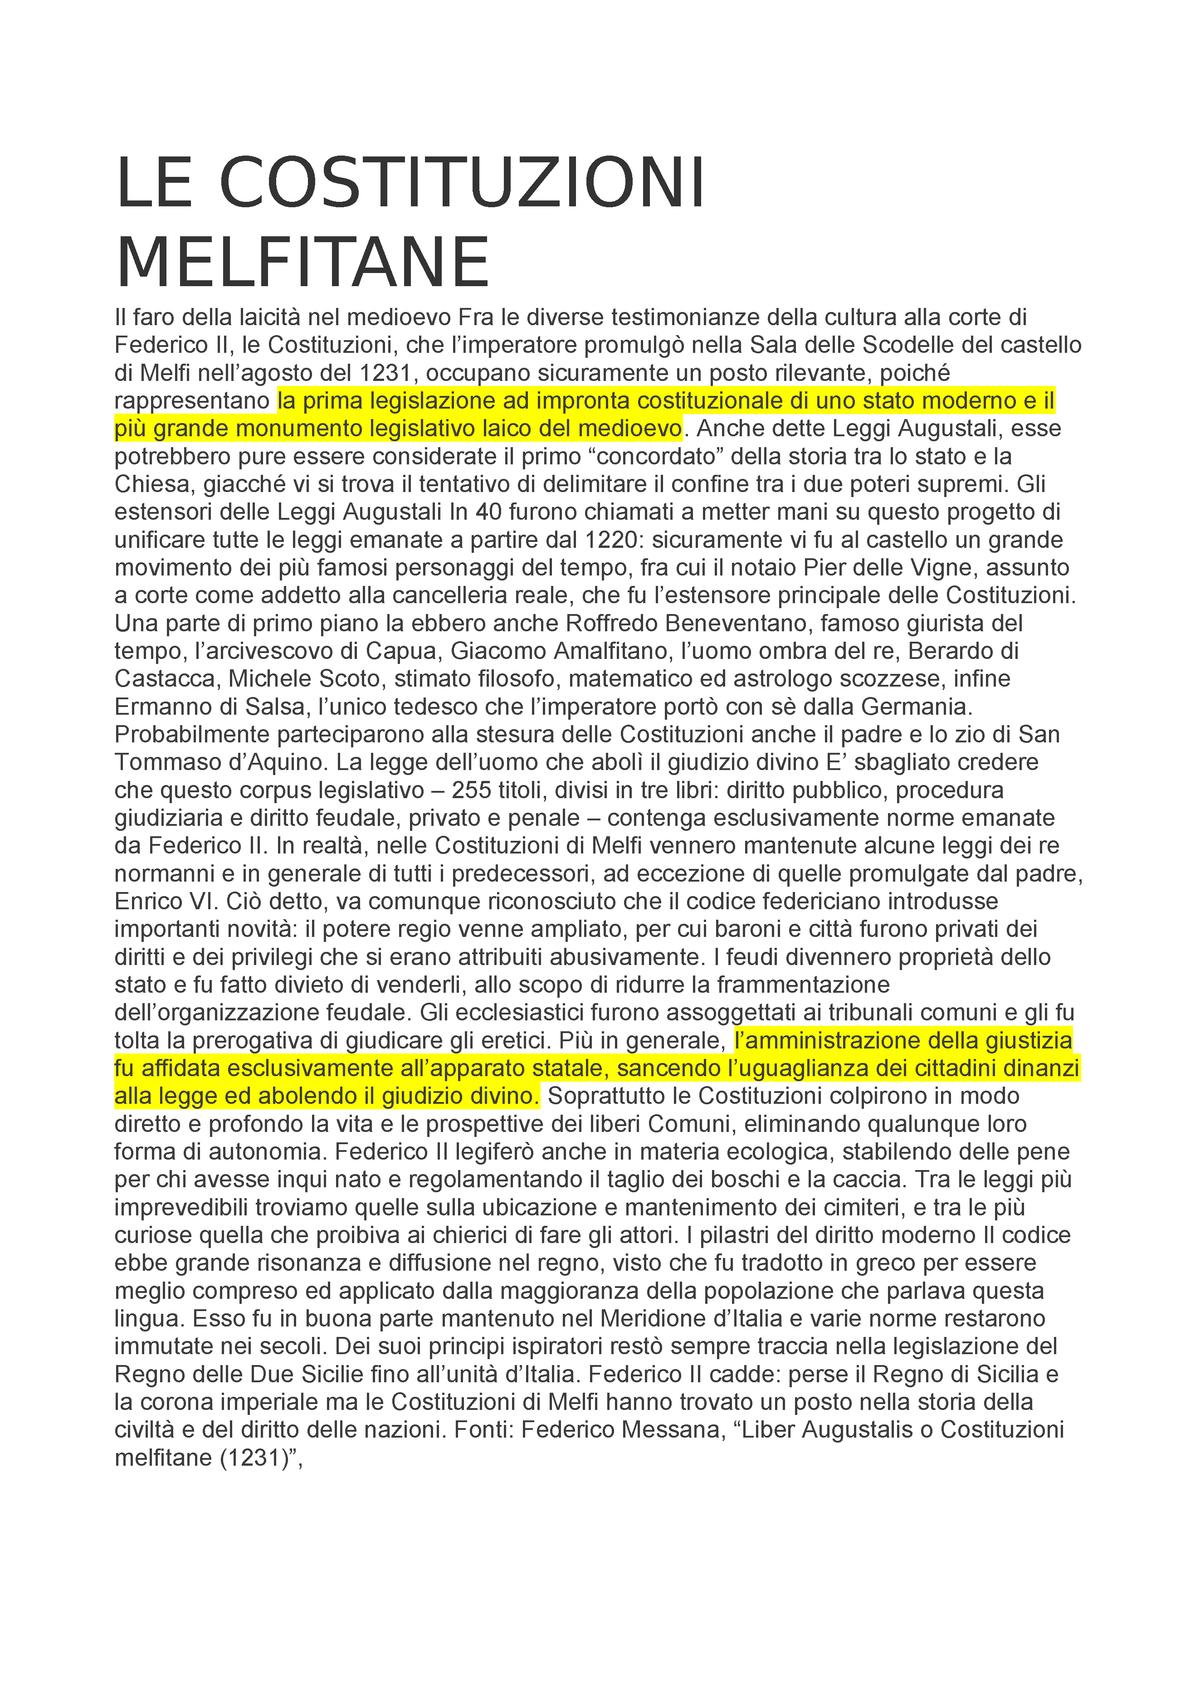 LE Costituzioni Melfitane - Storia medievale - StuDocu